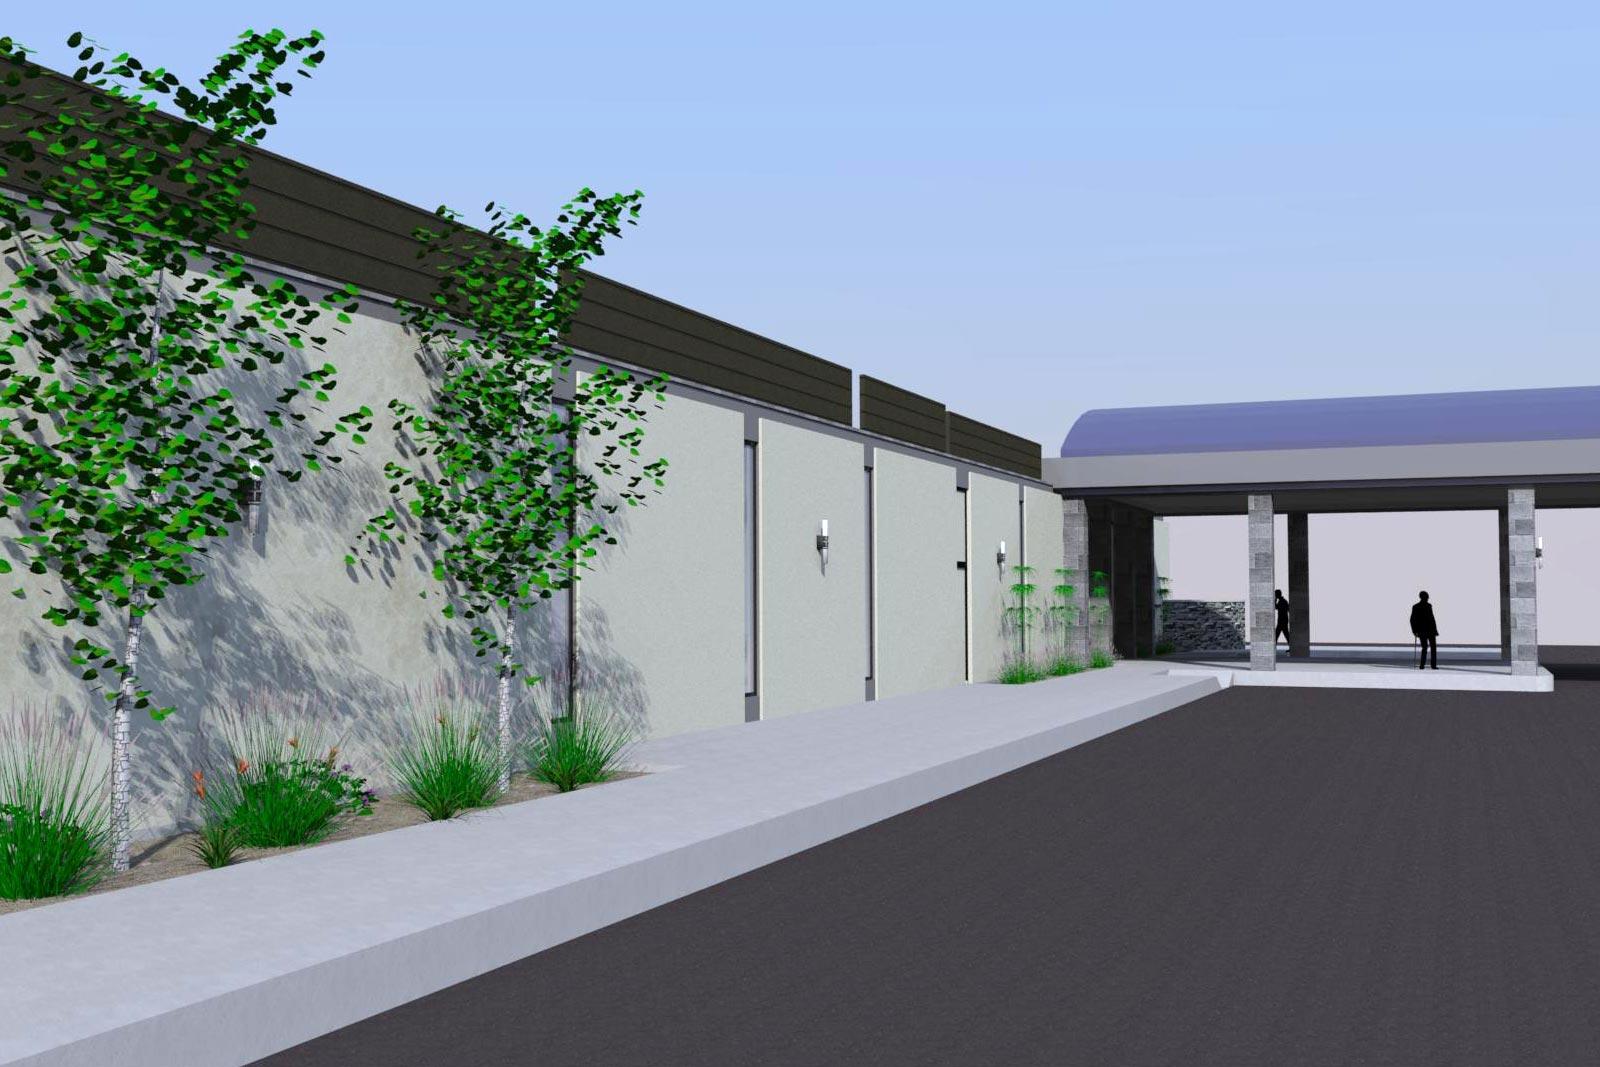 Weller - Oncology Building, Greenwood Village